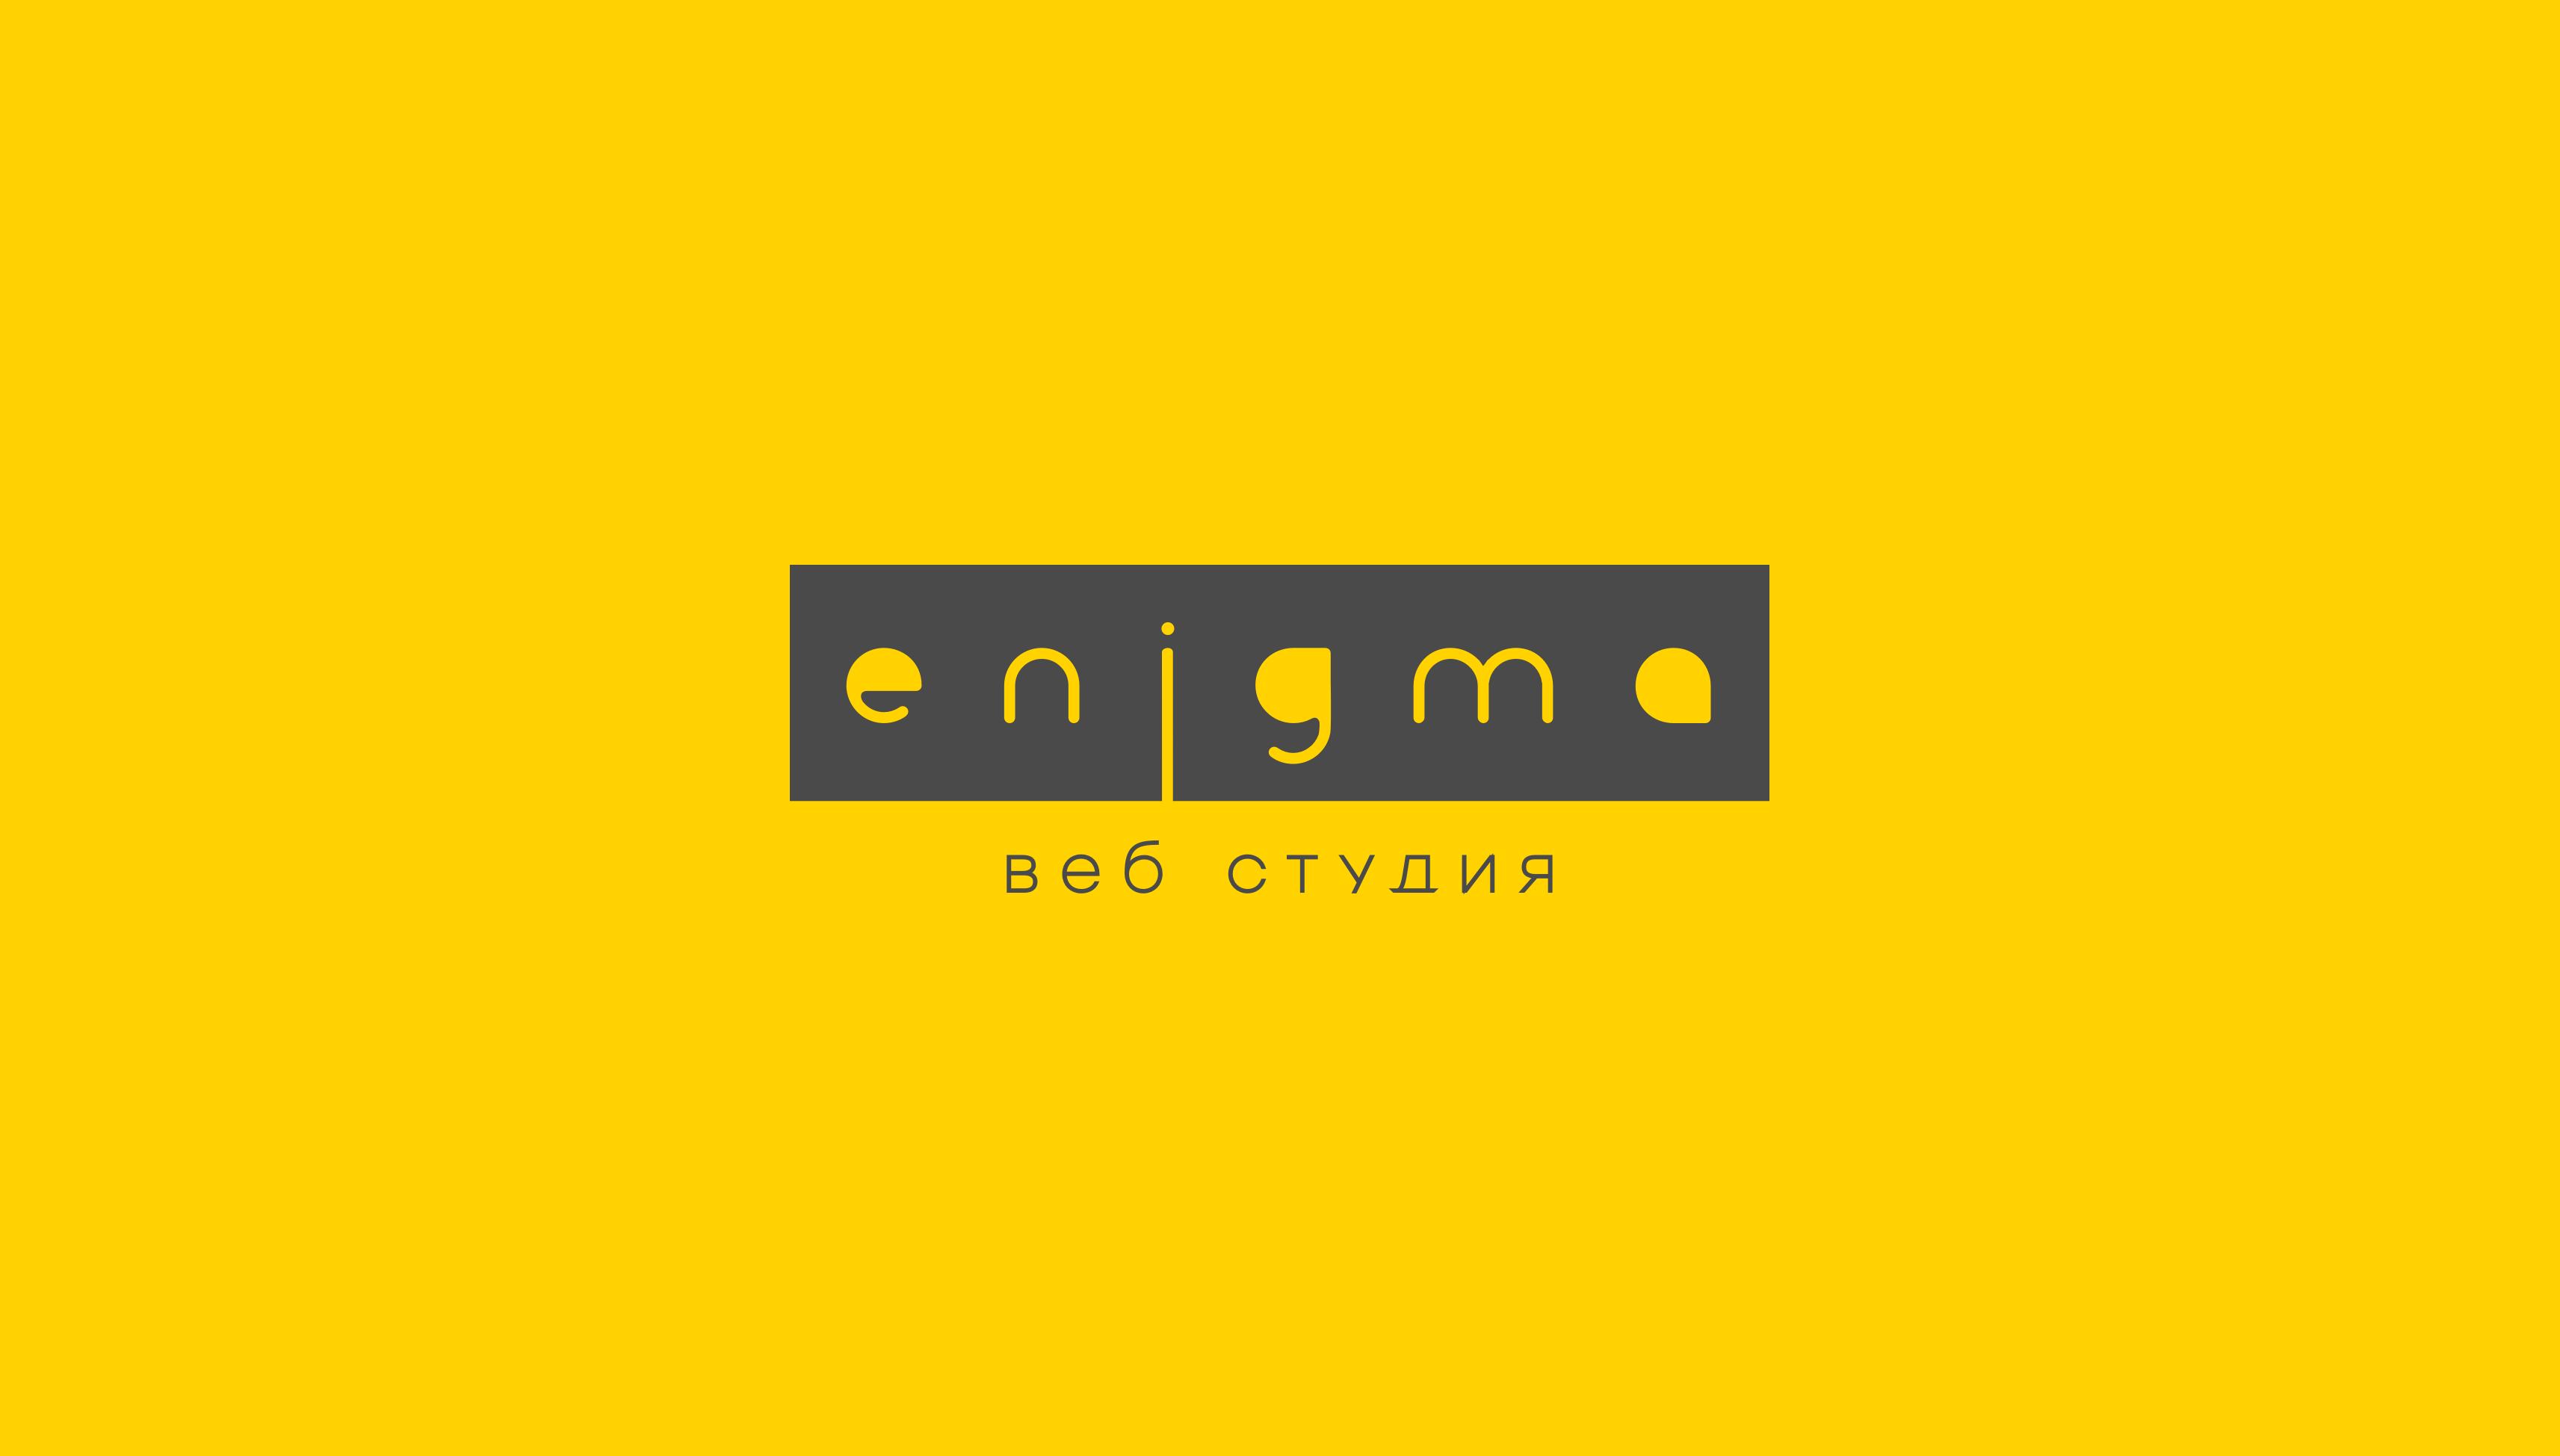 e n i g m a  // веб студия